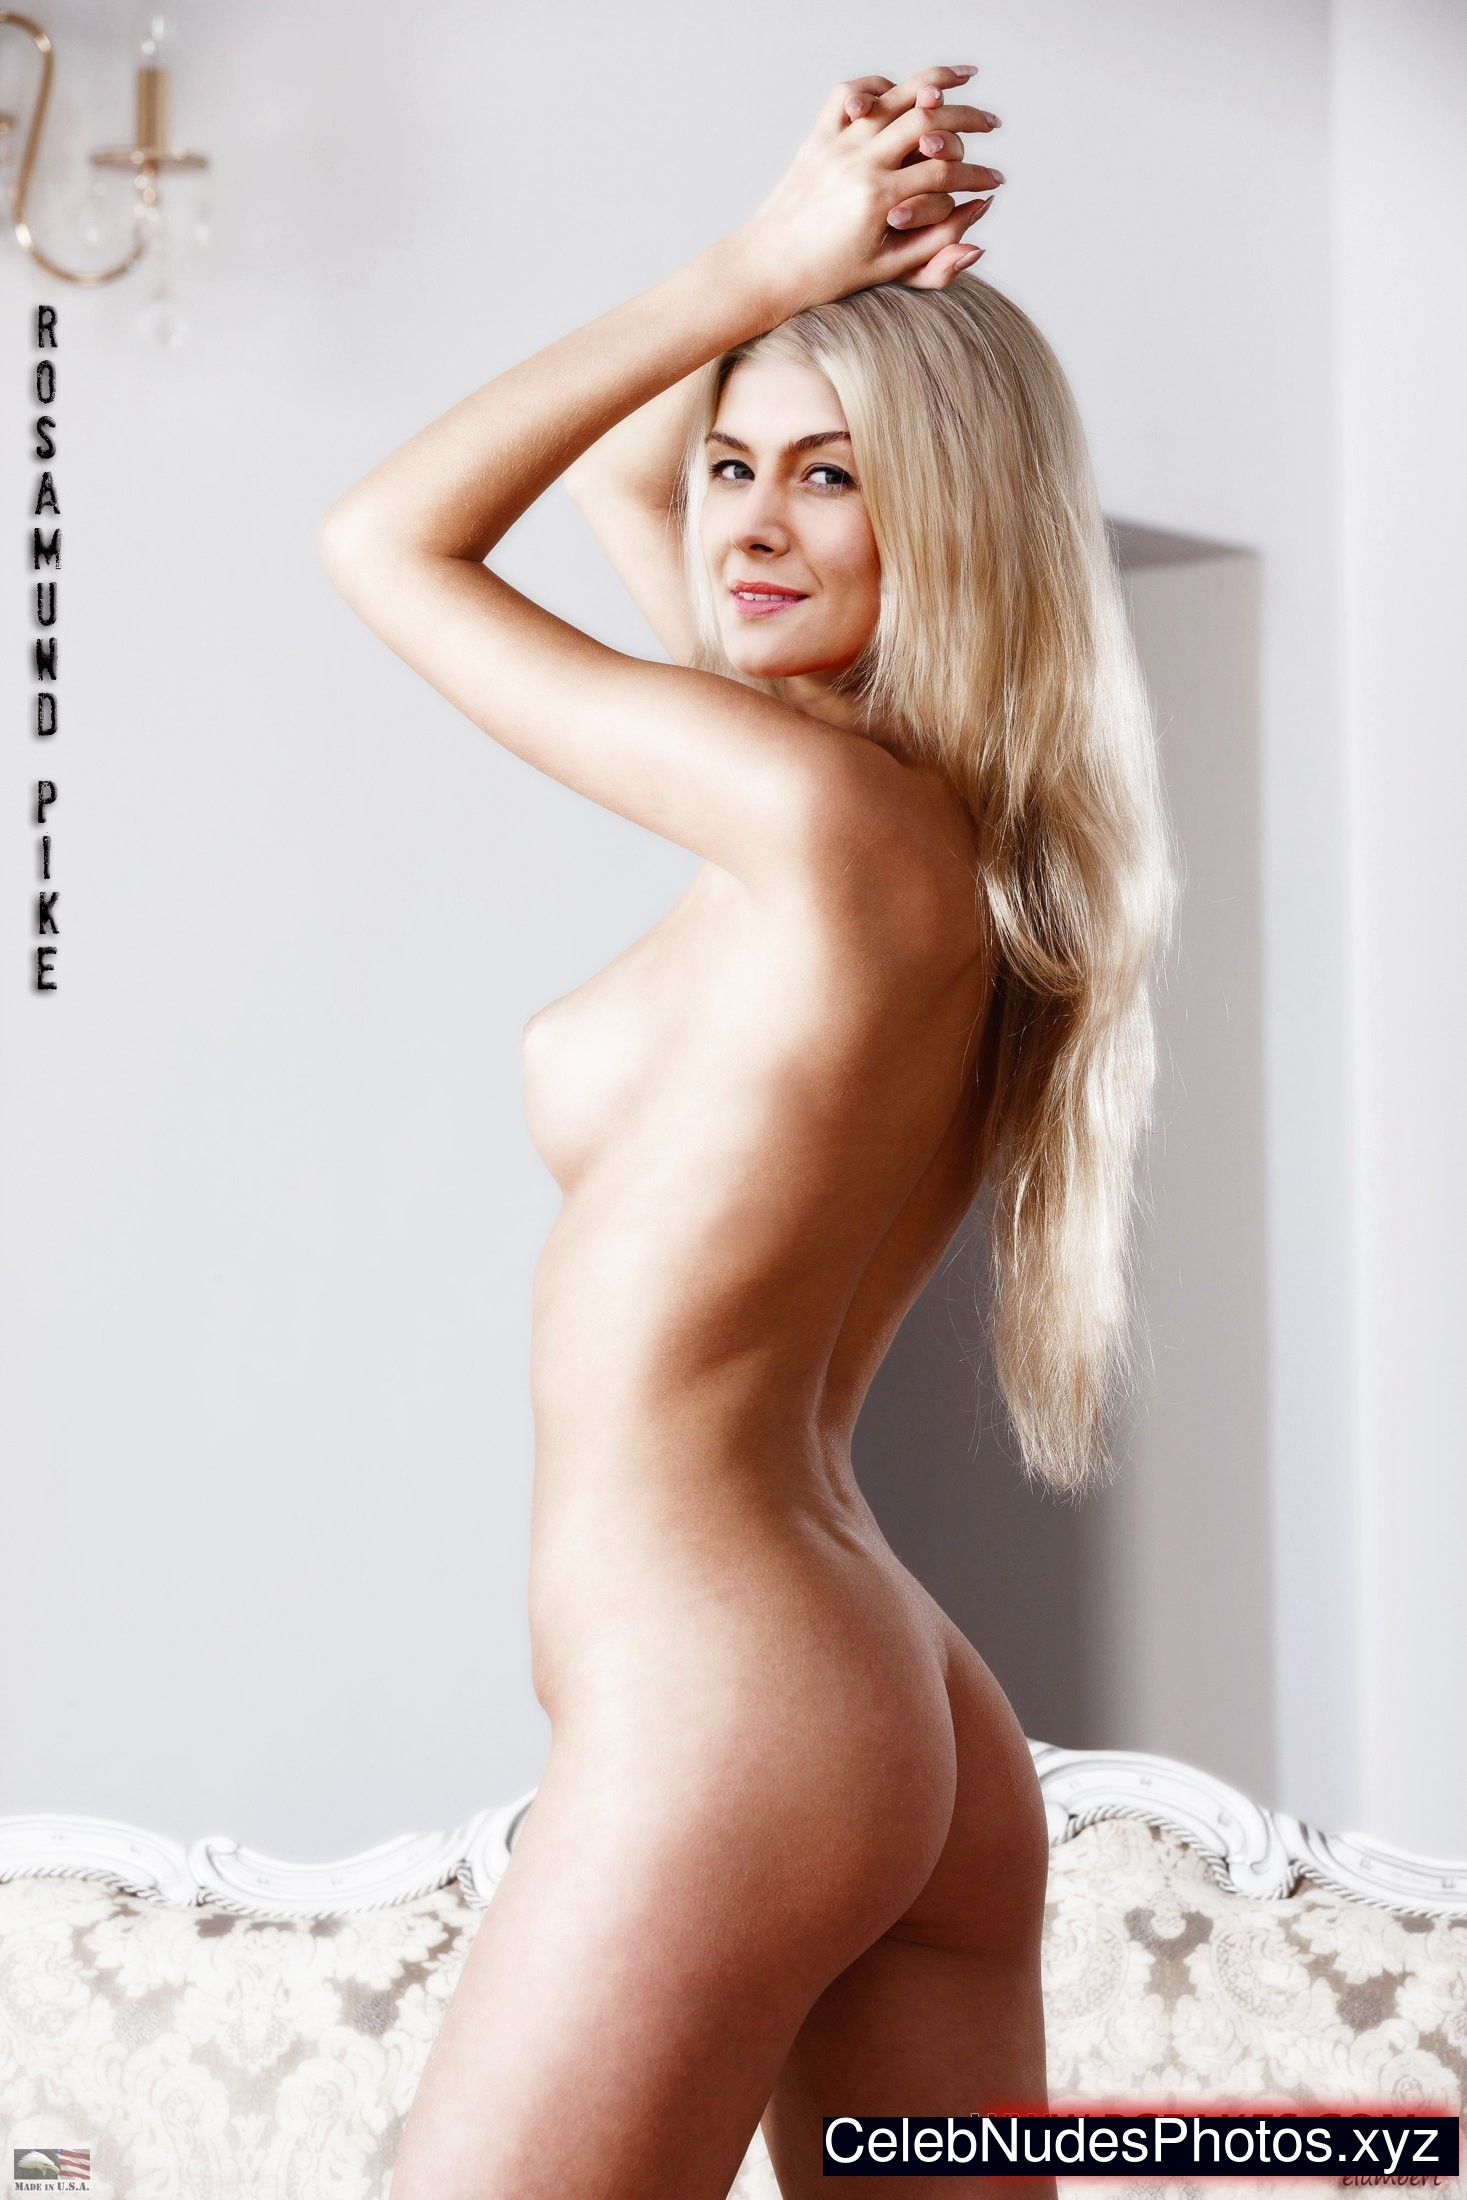 Breast tattoo nude